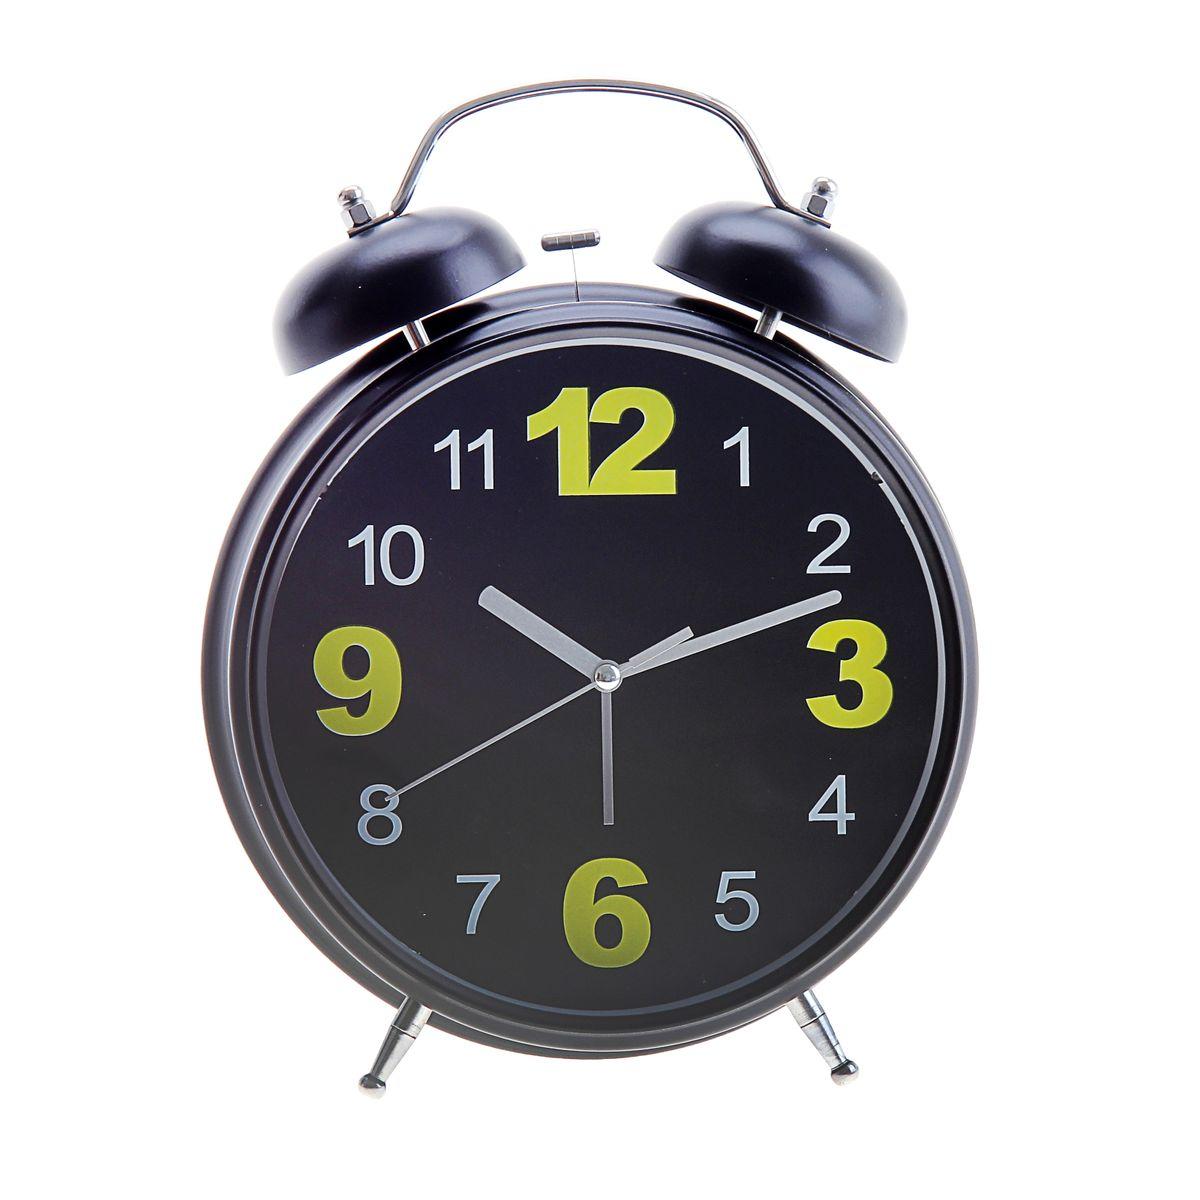 Часы-будильник Sima-land, цвет: черный. 669611669611Как же сложно иногда вставать вовремя! Всегда так хочется поспать еще хотя бы 5 минут и бывает, что мы просыпаем. Теперь этого не случится! Яркий, оригинальный будильник Sima-land поможет вам всегда вставать в нужное время и успевать везде и всюду. Корпус будильника выполнен из металла. Циферблат имеет индикацию арабскими цифрами. Часы снабжены 4 стрелками (секундная, минутная, часовая и для будильника). На задней панели будильника расположен переключатель включения/выключения механизма, а также два колесика для настройки текущего времени и времени звонка будильника. Также будильник оснащен кнопкой, при нажатии которой подсвечивается циферблат. Пользоваться будильником очень легко: нужно всего лишь поставить батарейки, настроить точное время и установить время звонка. Необходимо докупить 3 батарейки типа АА (не входят в комплект).